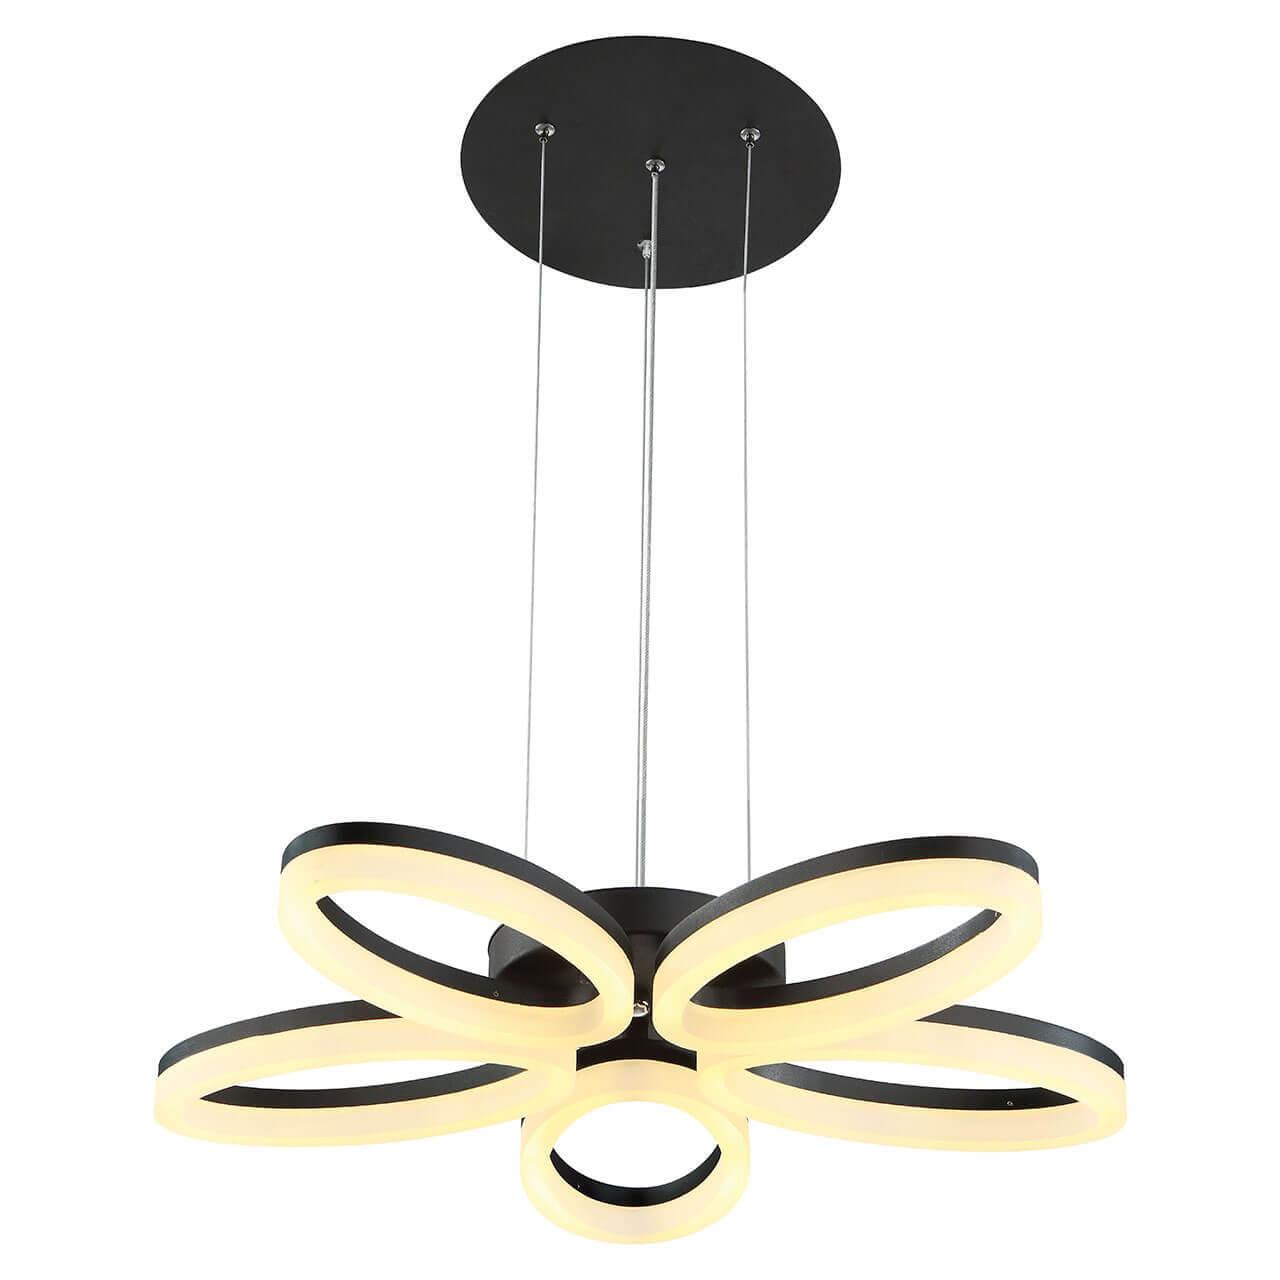 Подвесная светодиодная люстра Horoz черная 019-006-0040 подвесная светодиодная люстра horoz белая 019 006 0040